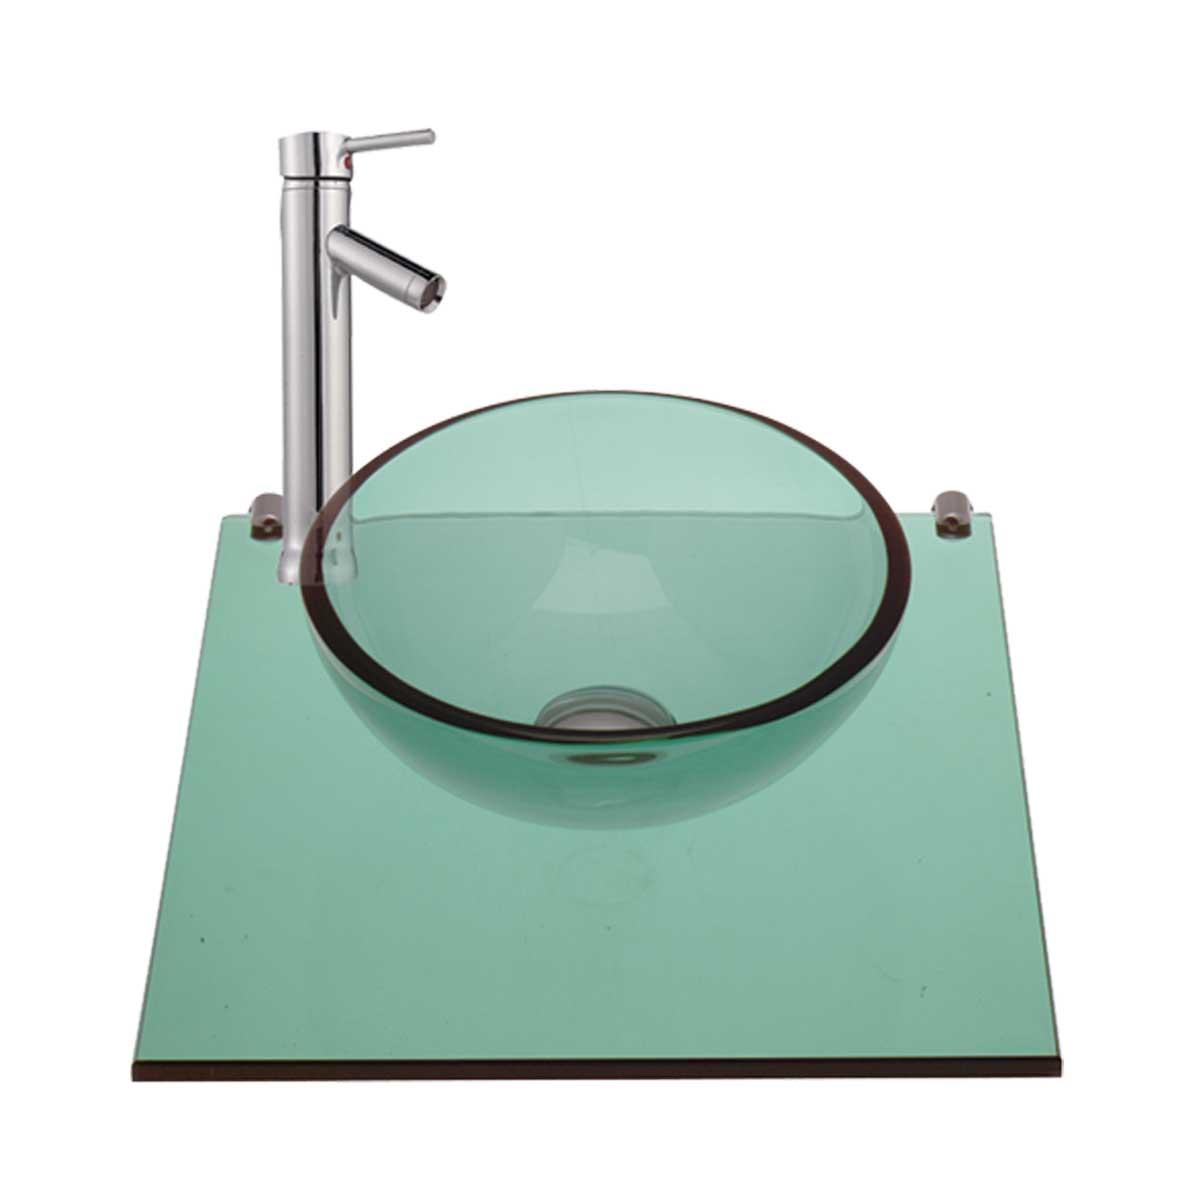 Mini Wall Mount Sink : ... Sinks & Parts Glass Vessels & Sinks Wall Mount Glass Sinks & ...